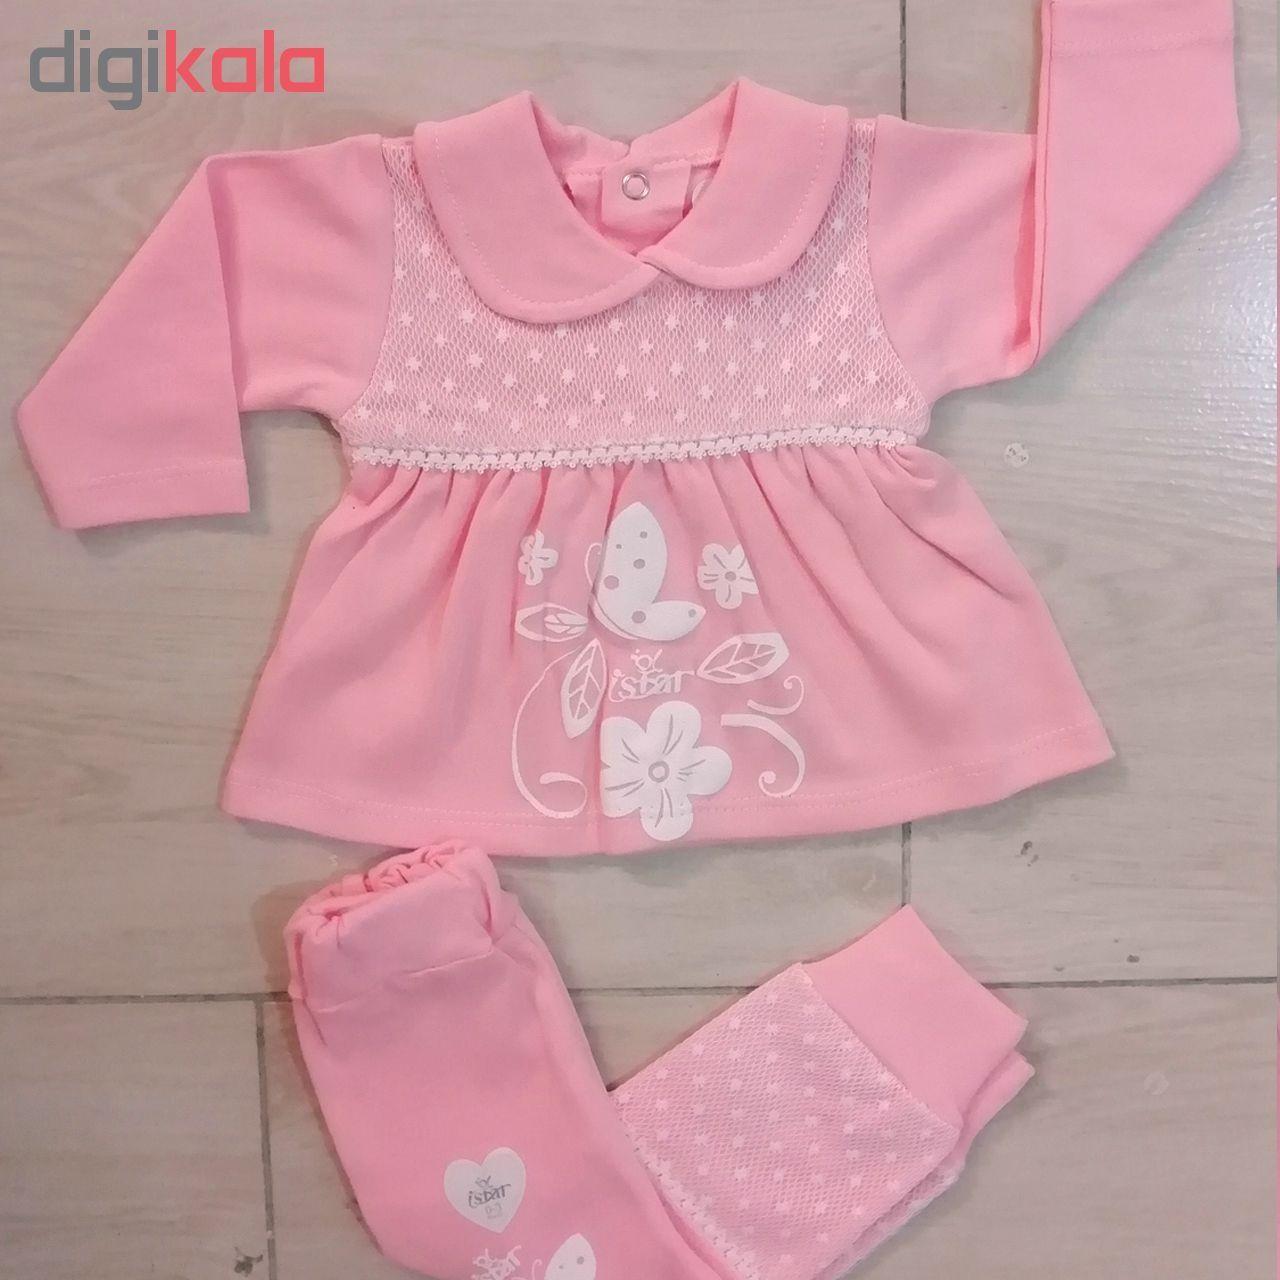 ست تیشرت و شلوار نوزادی دخترانه کد 980908 رنگ صورتی -  - 5